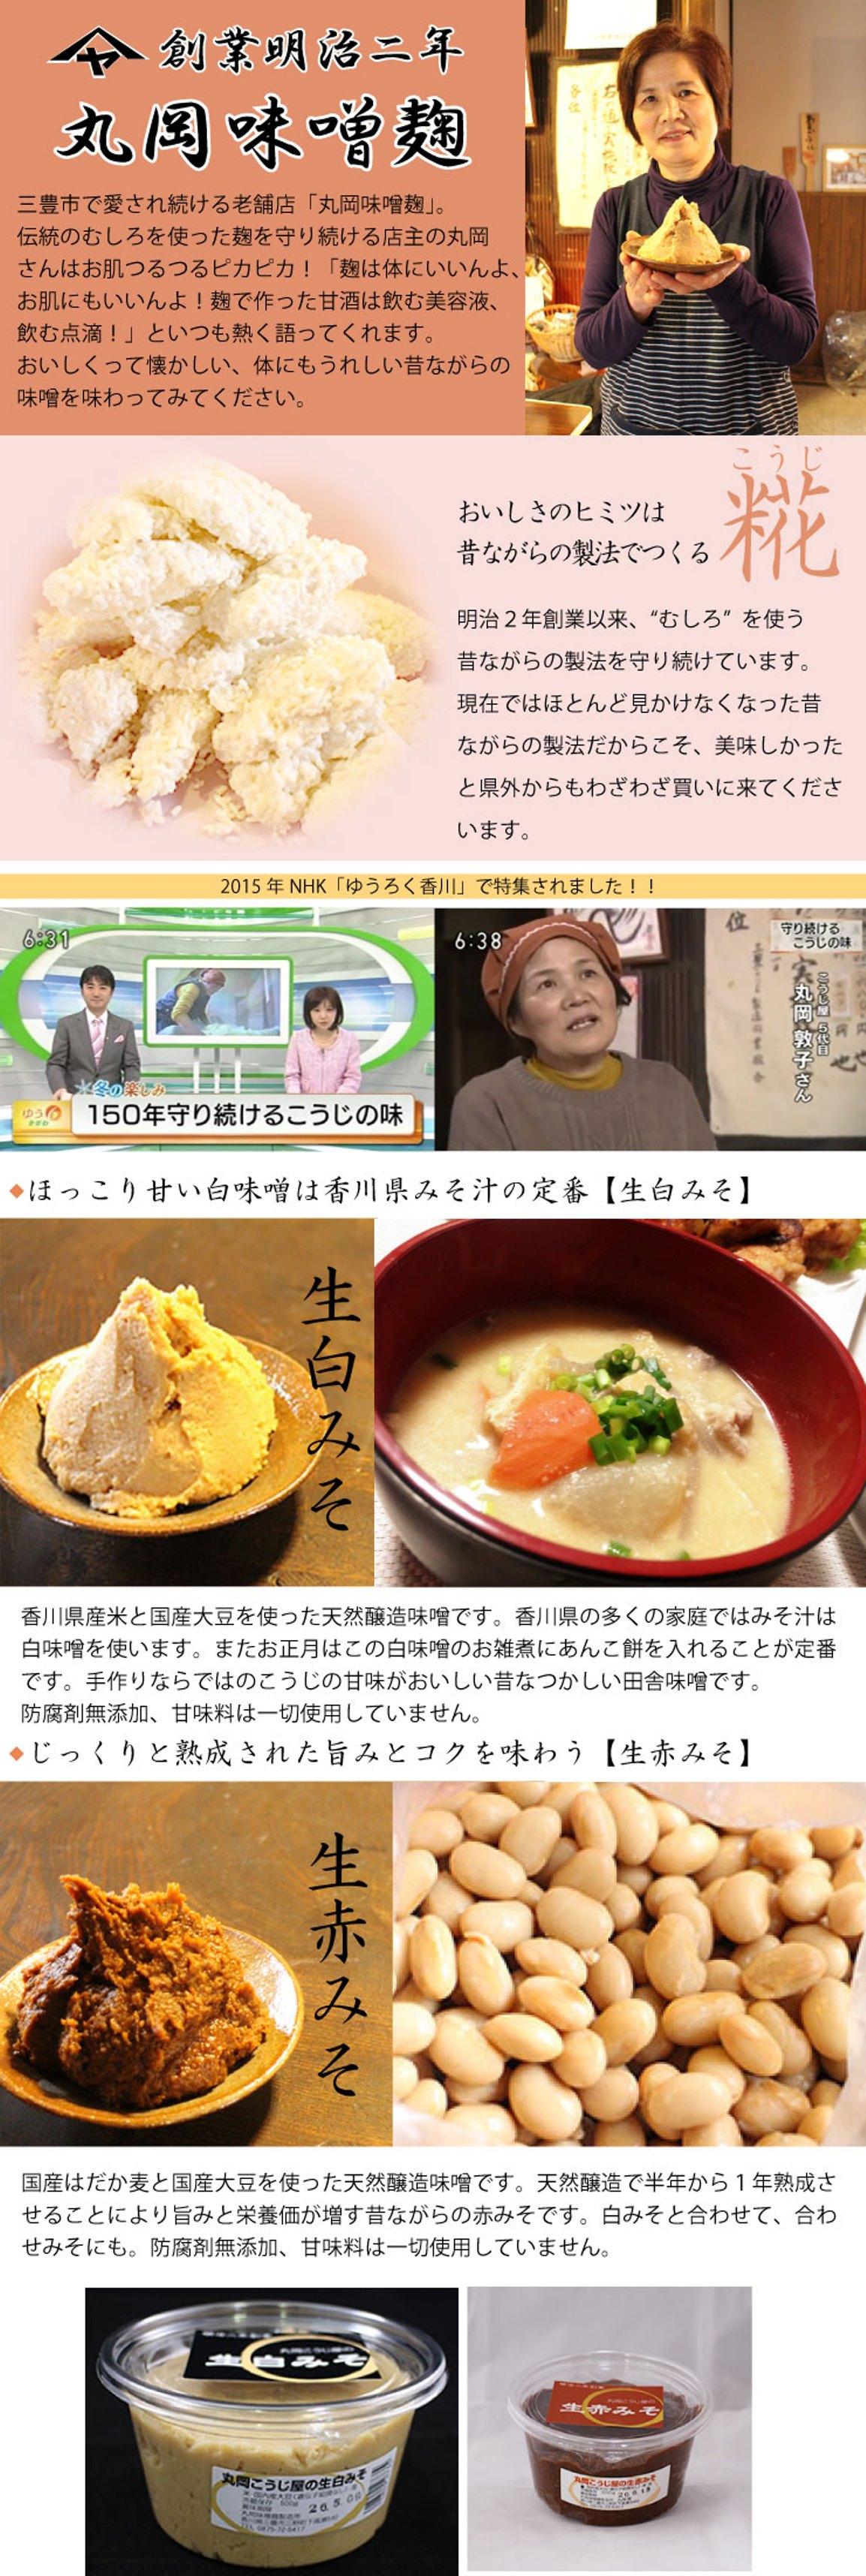 創業明治2年、伝統の味を守る丸岡味噌麹製造所。三豊のお母さんの味です。